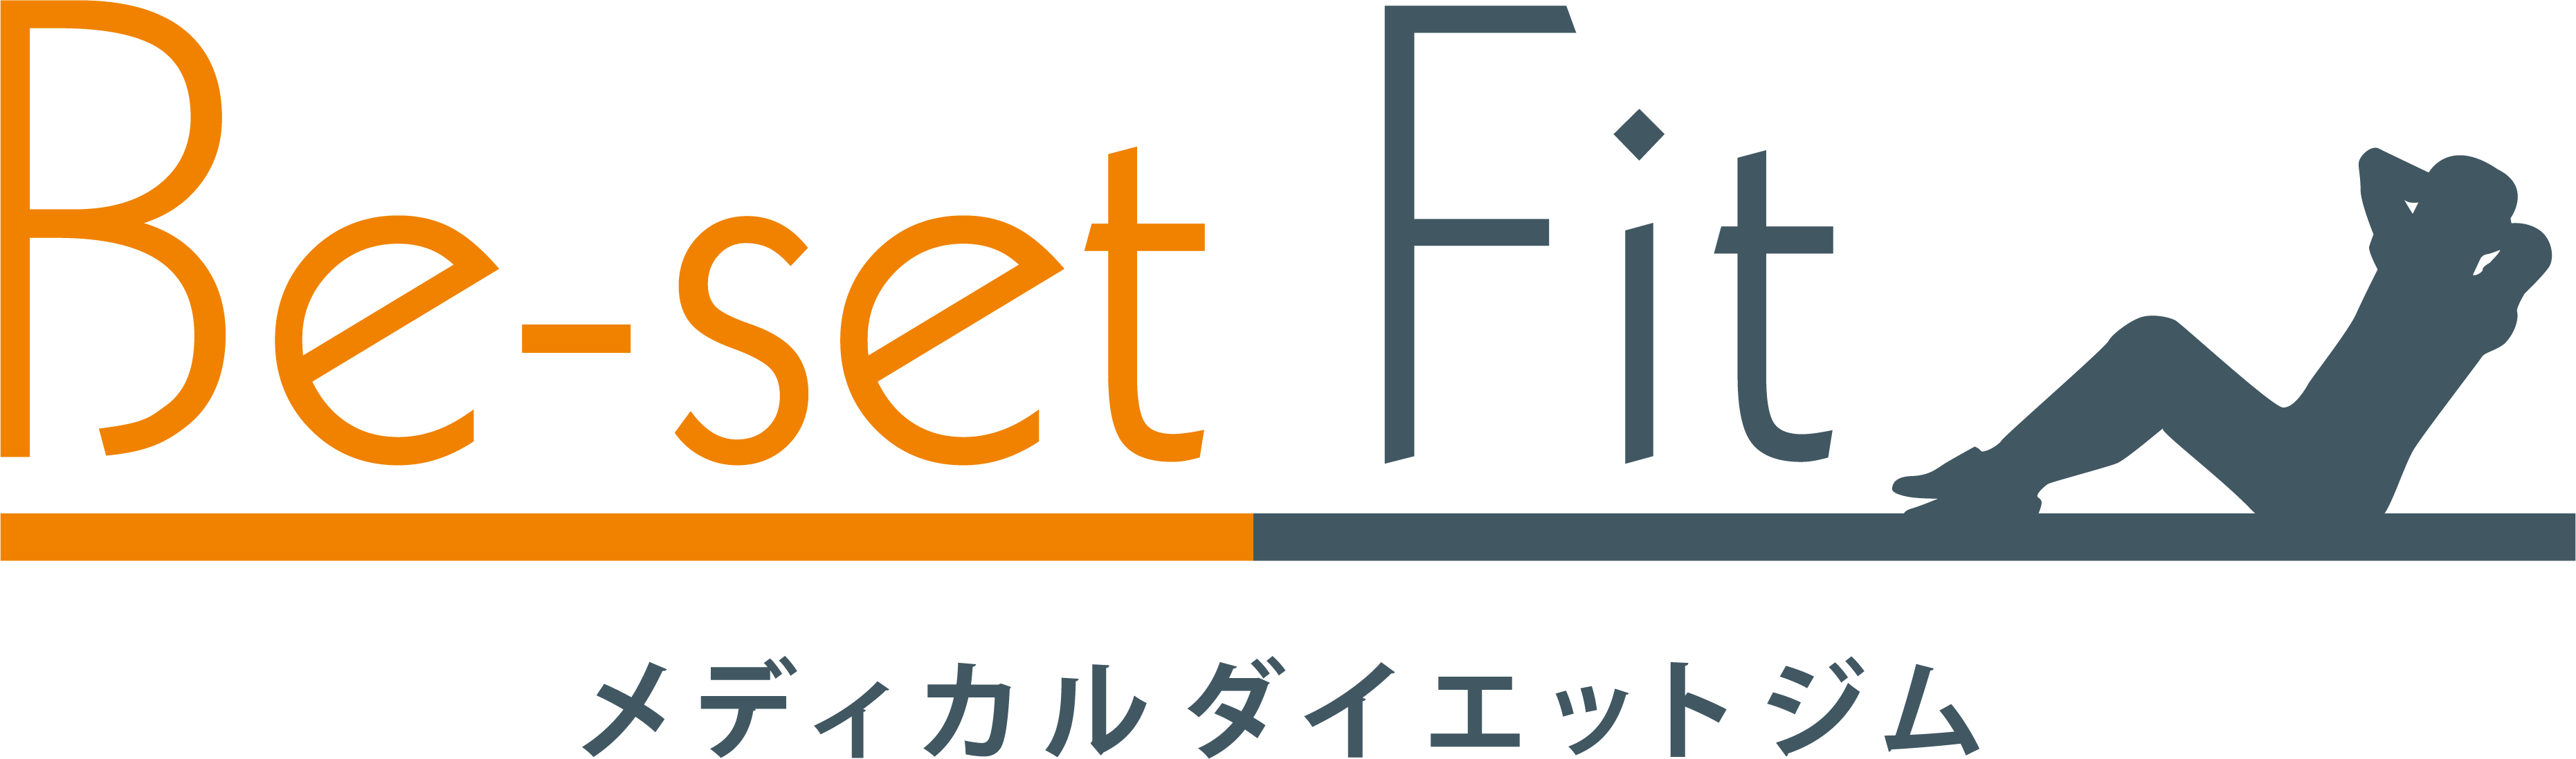 ダイエットジム・Be-set Fit(東中野)